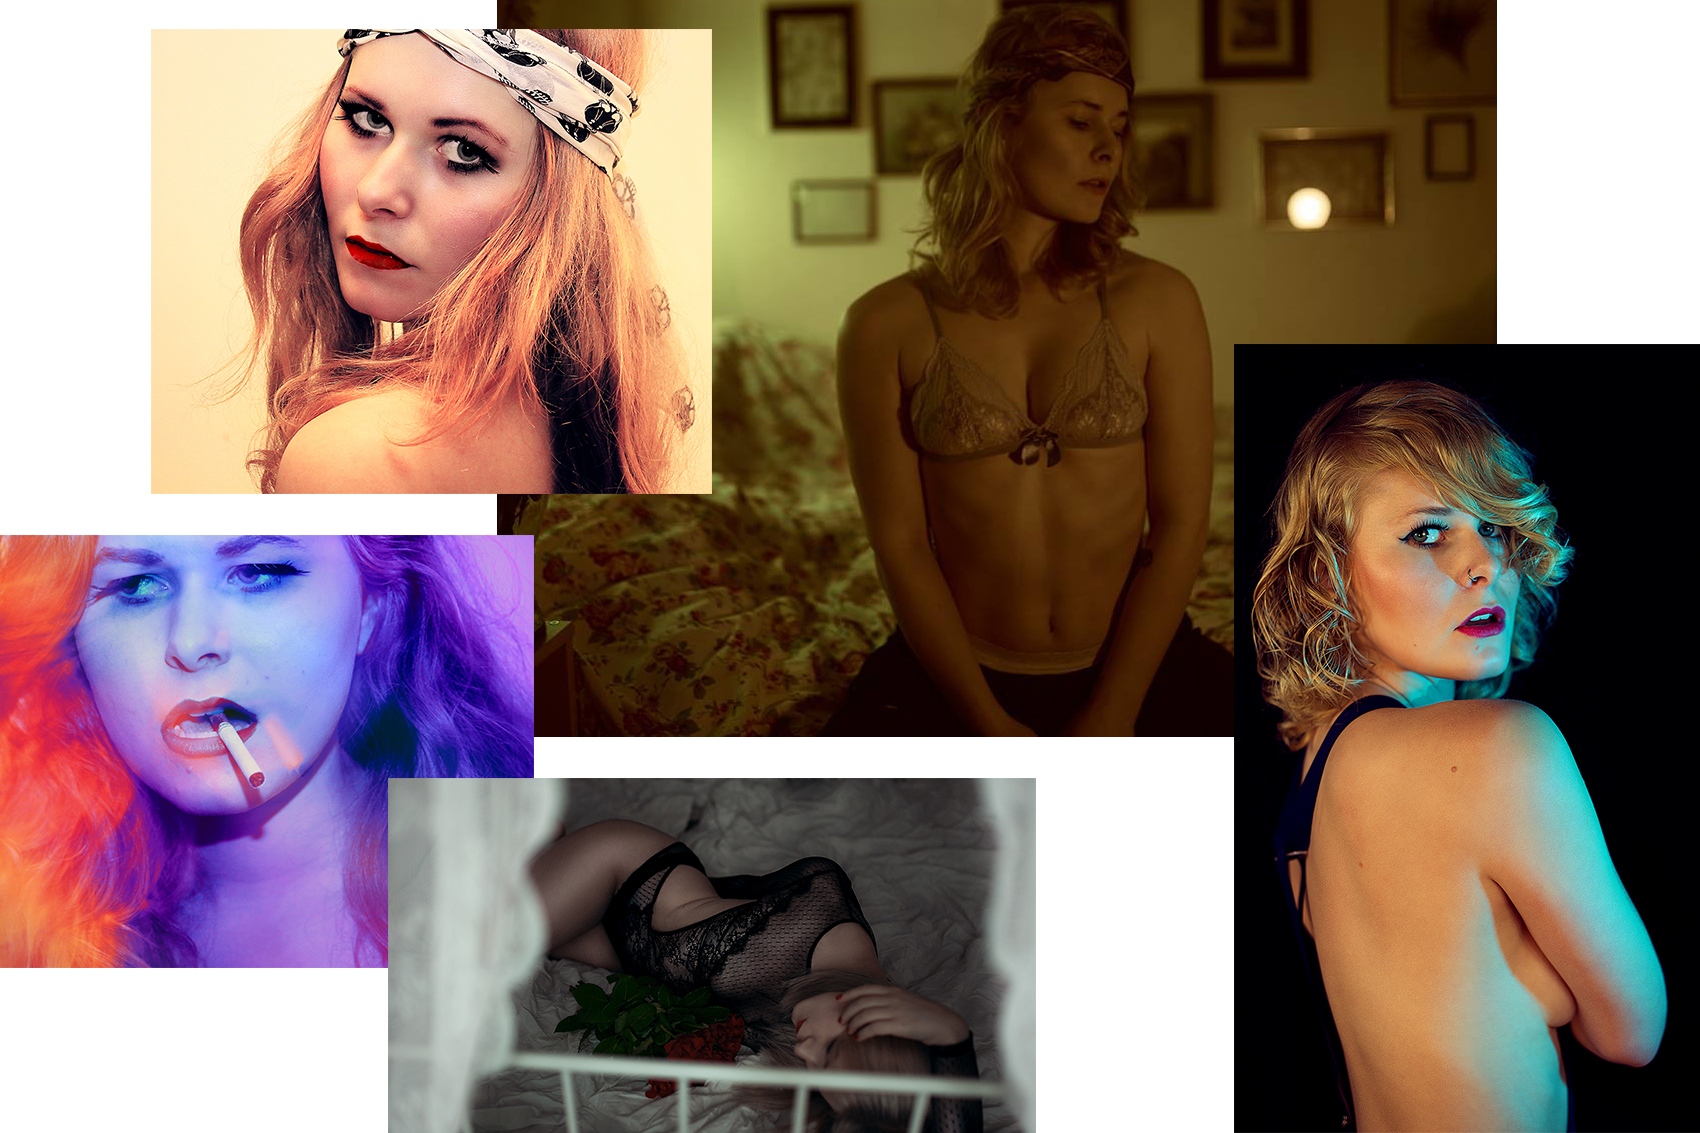 Selbstportraits - Tipps und Tricks für gelungene Aufnahmen Christina Key